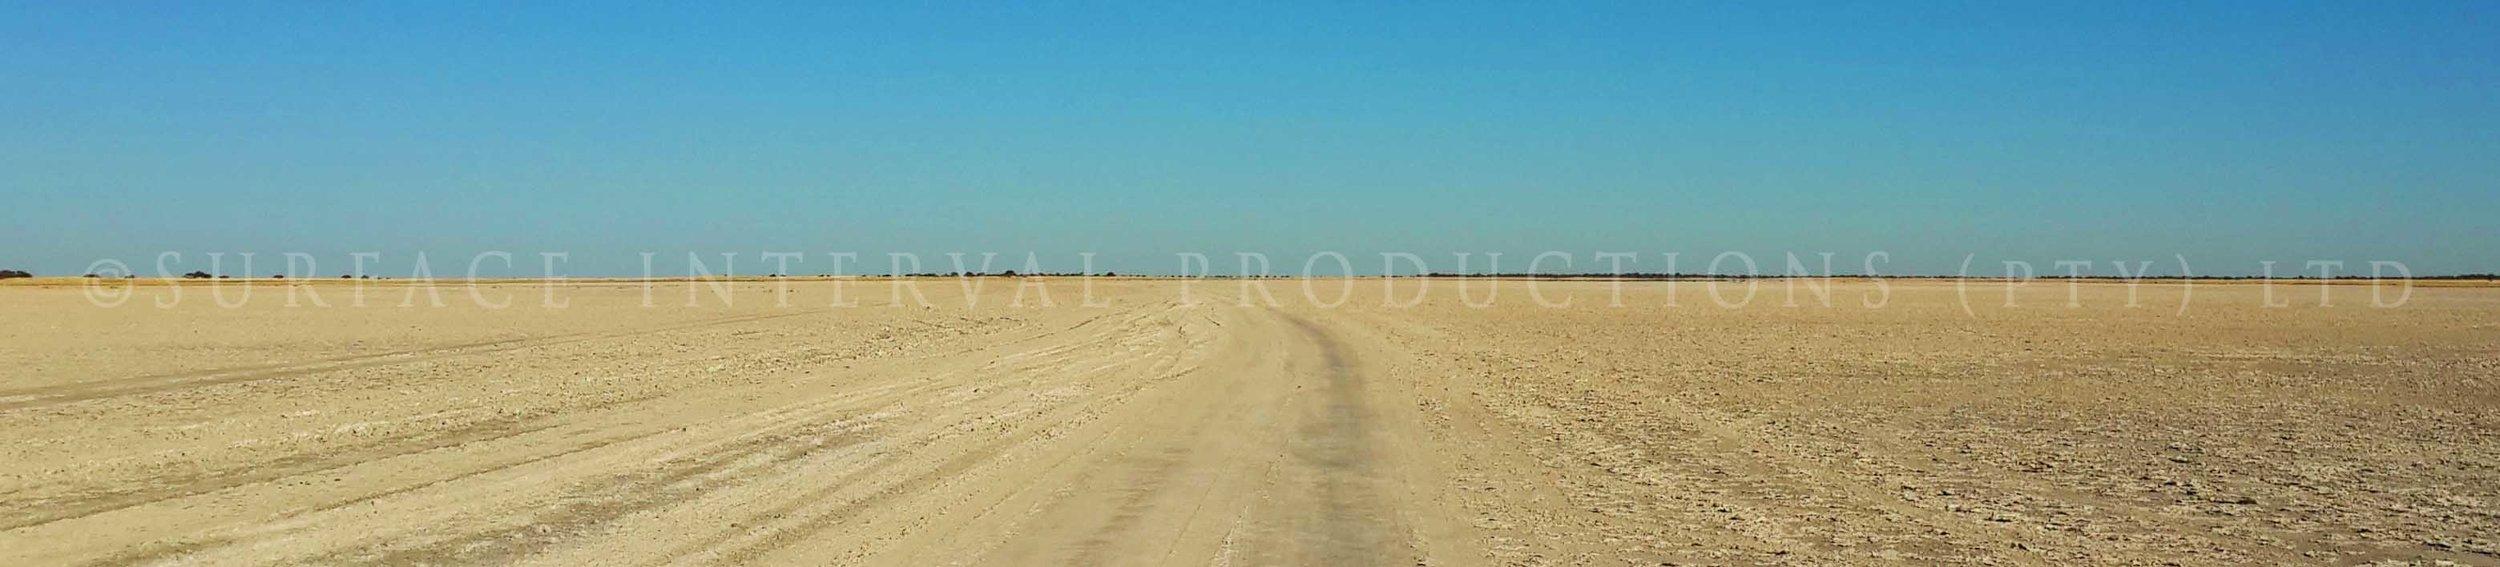 Road 29.jpg